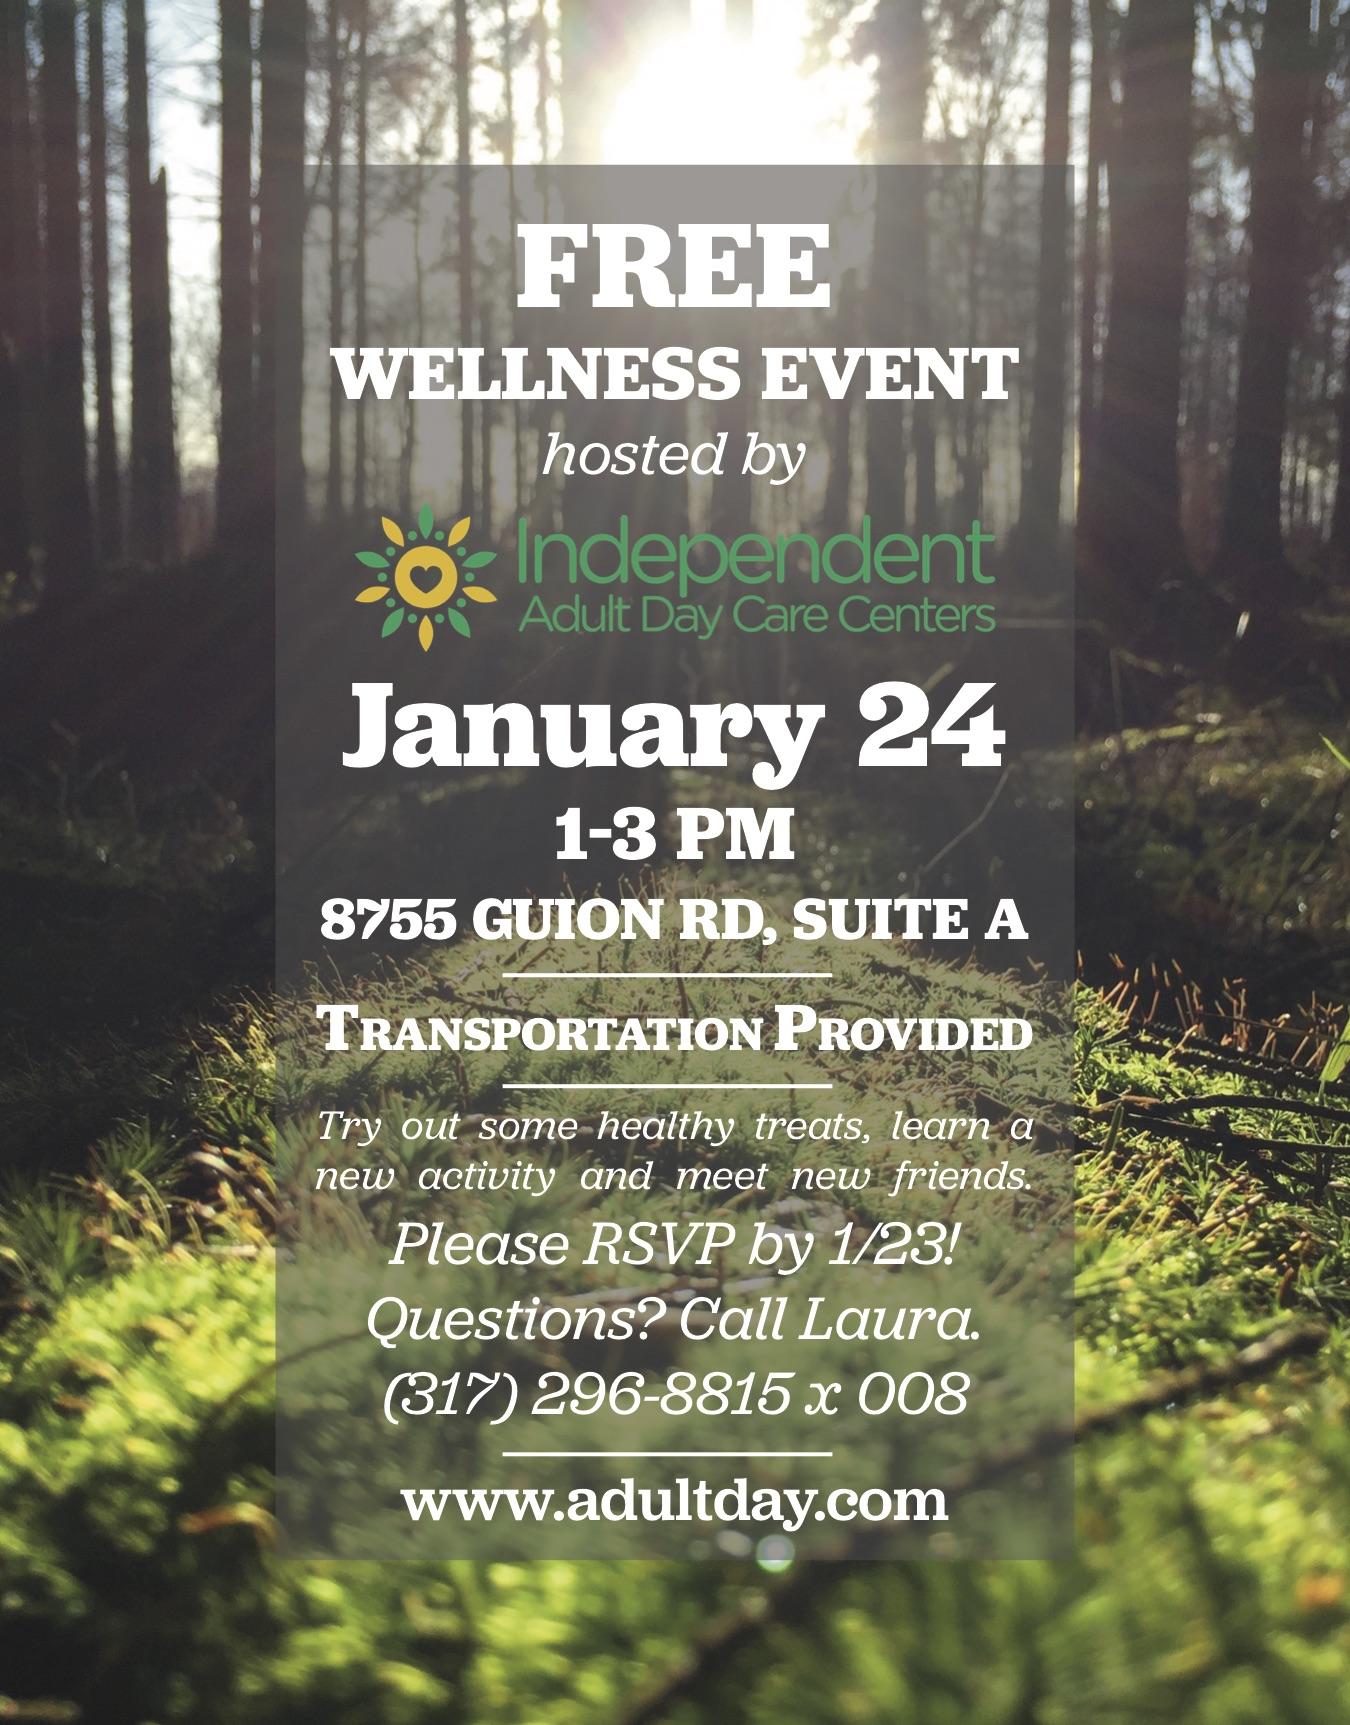 January Wellness Event Flyer Guion.jpg